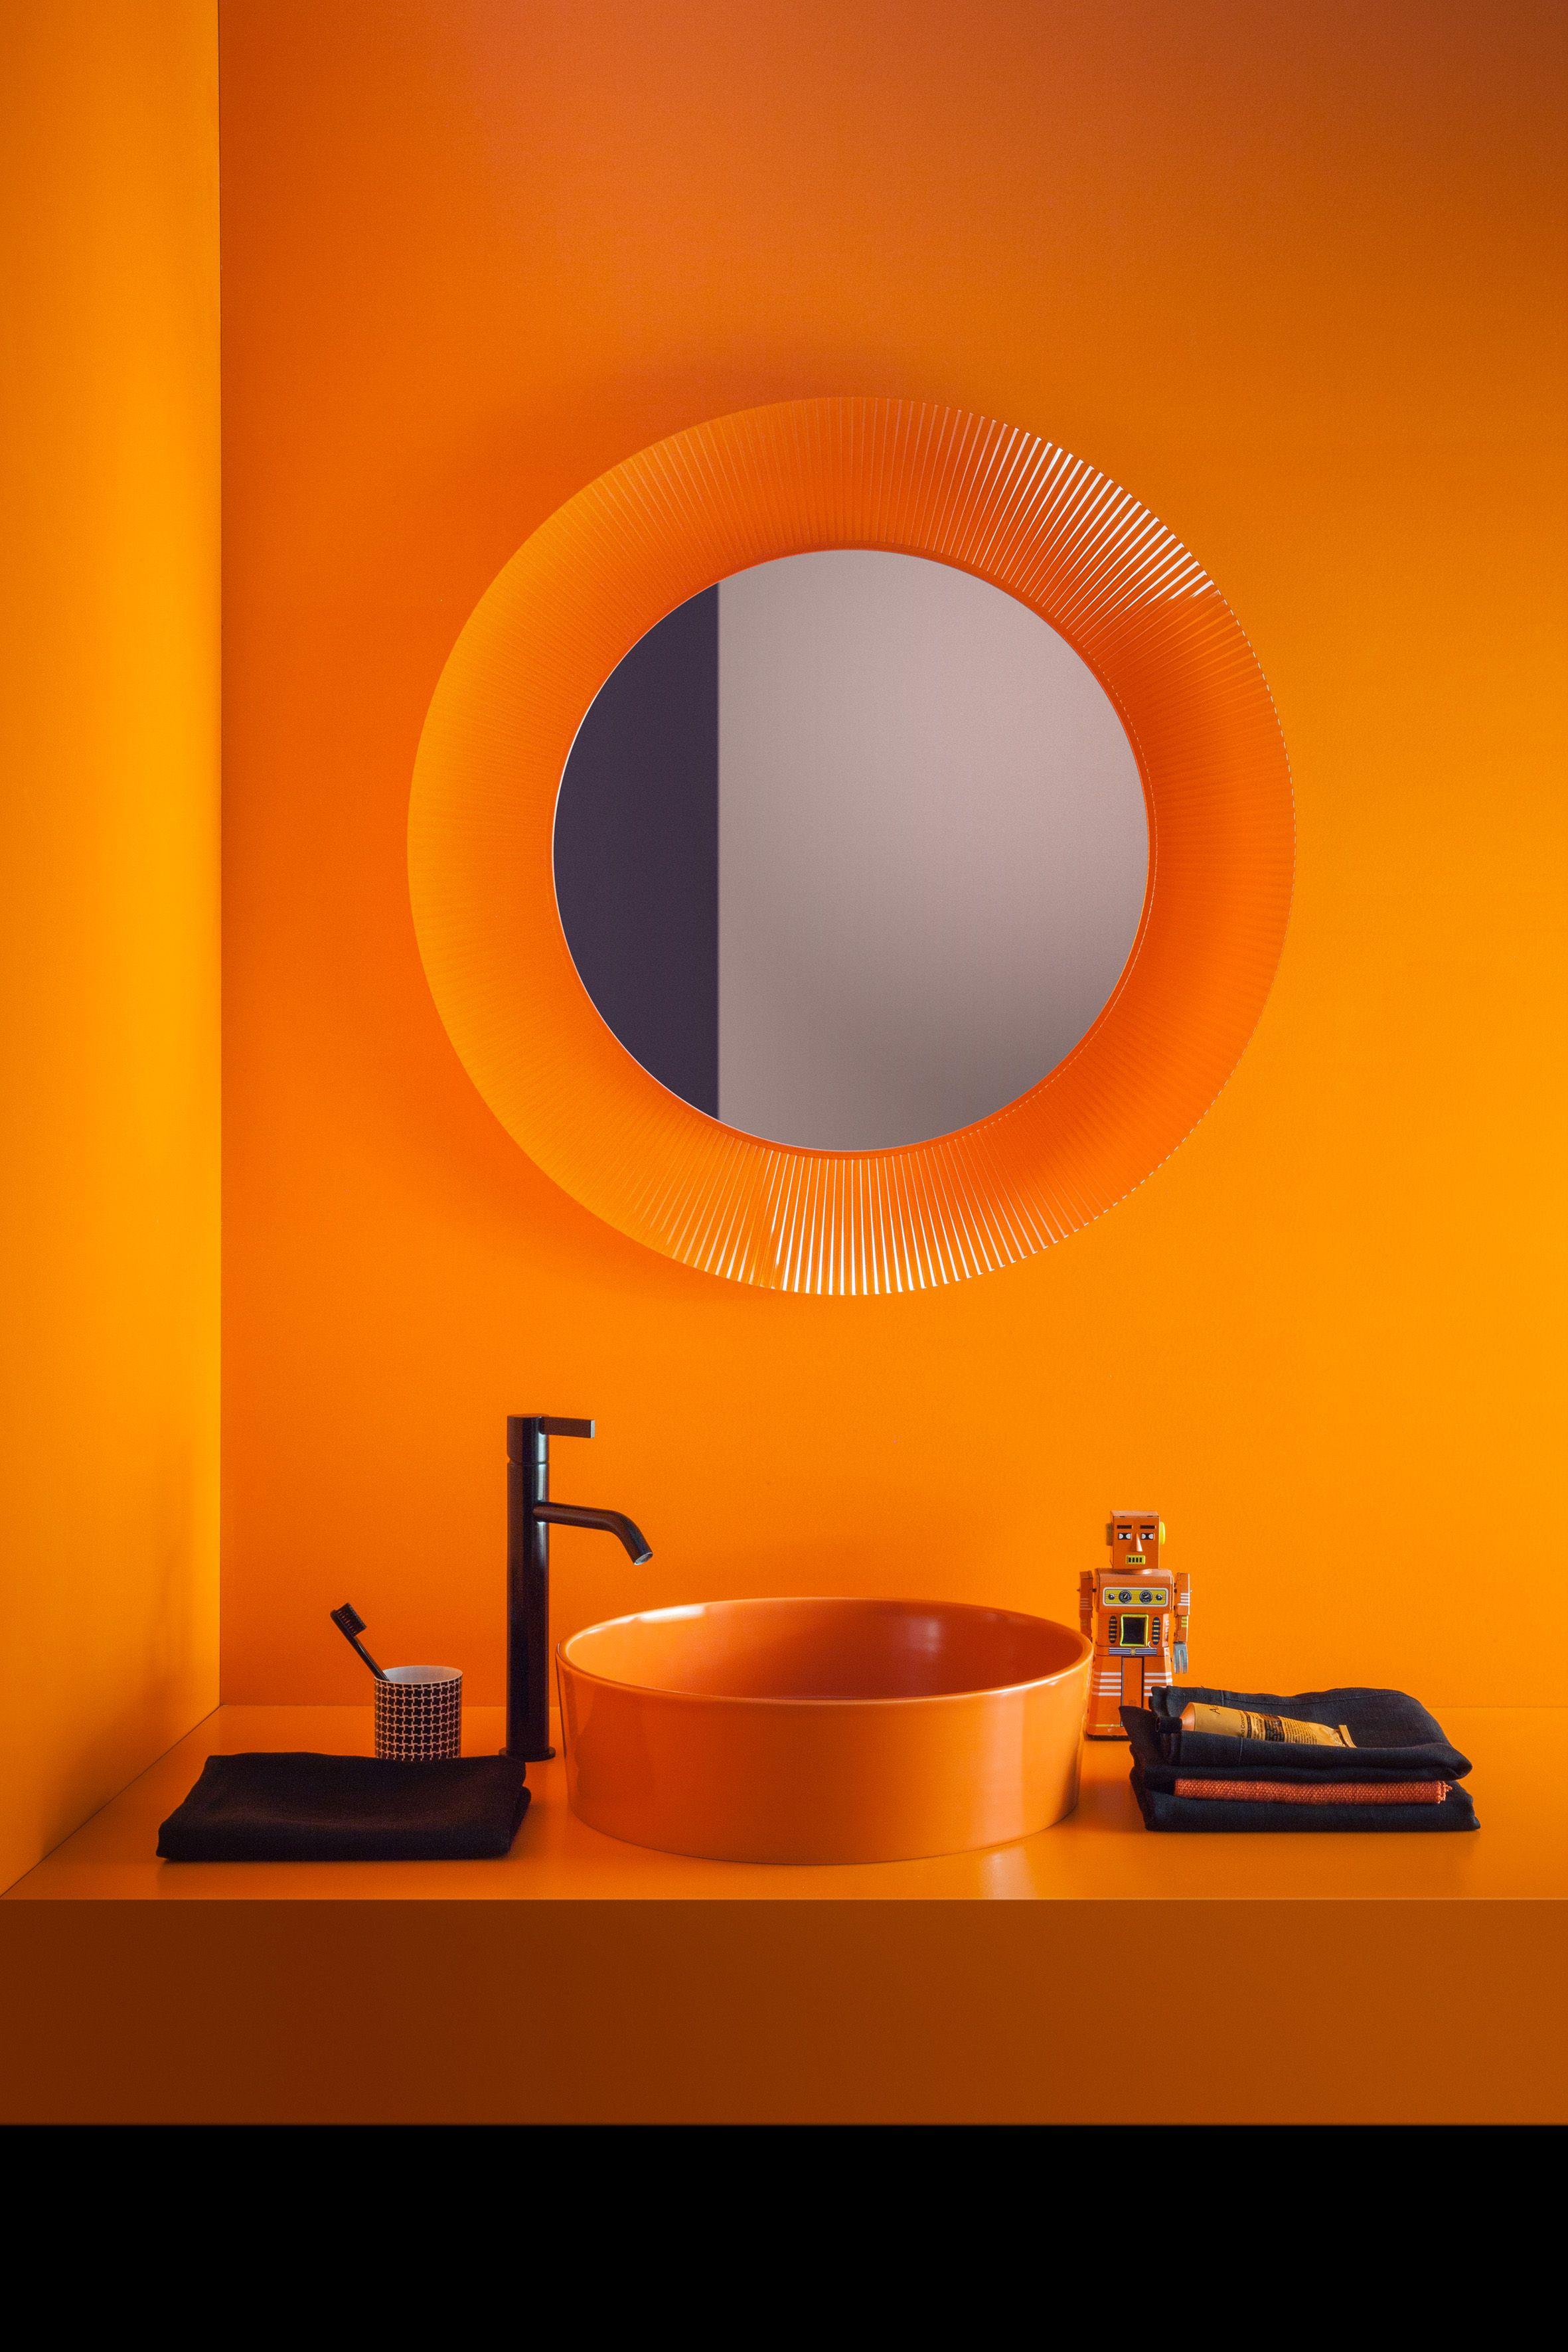 Meuble Salle De Bain Kartell ~ salle de bain kartell by laufen lavabo et miroir coloris orange au